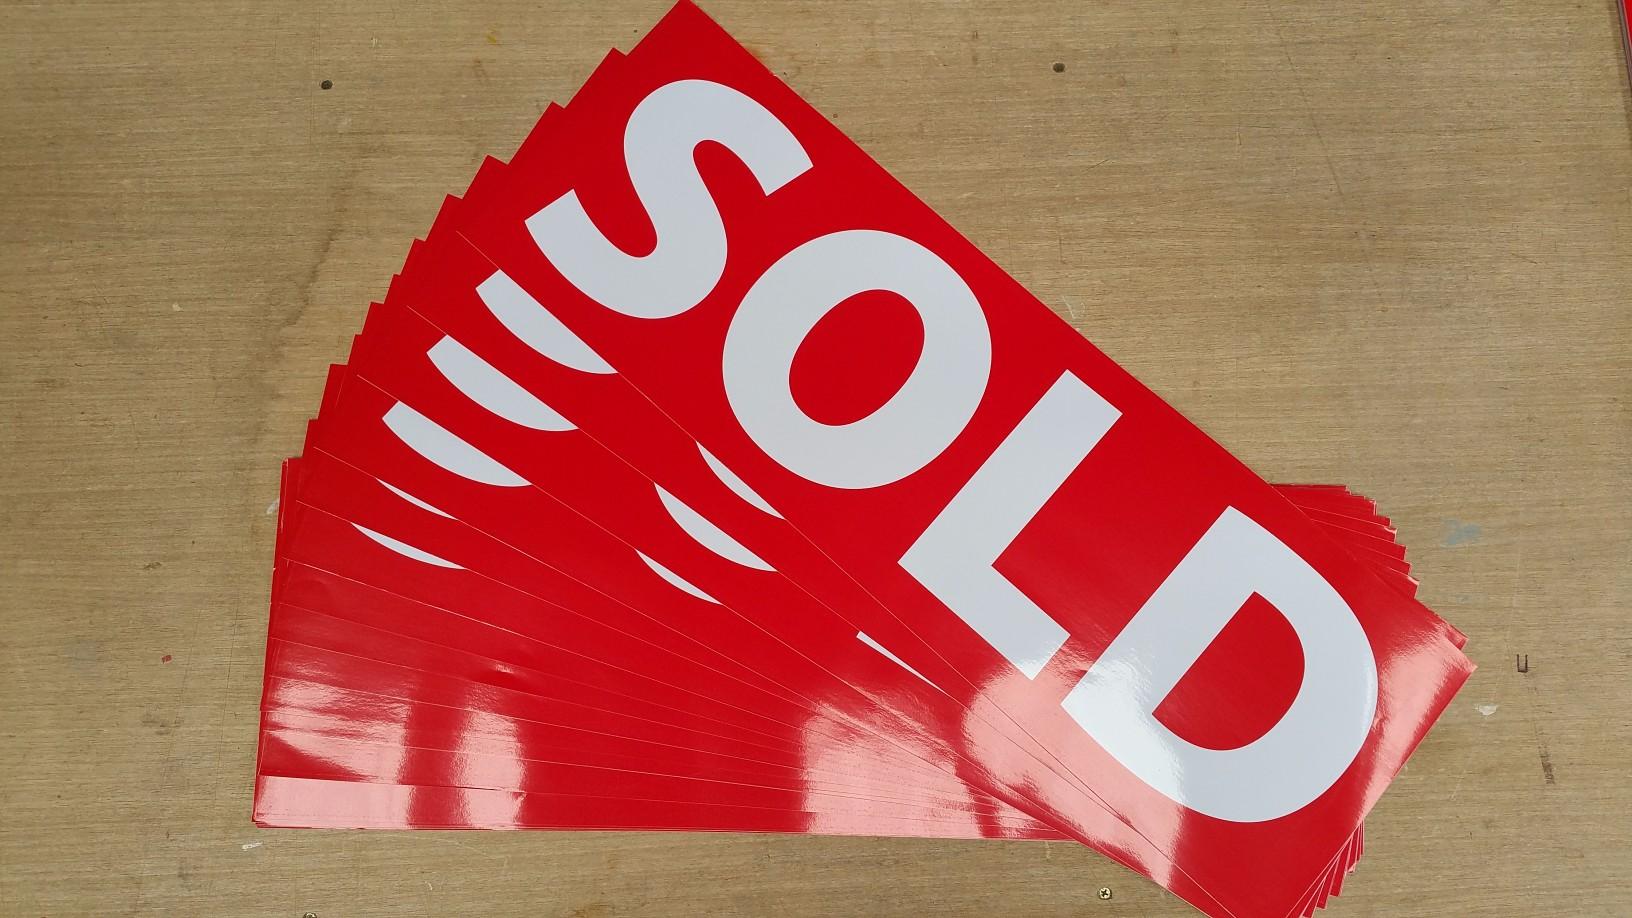 sold-sticker1.jpg